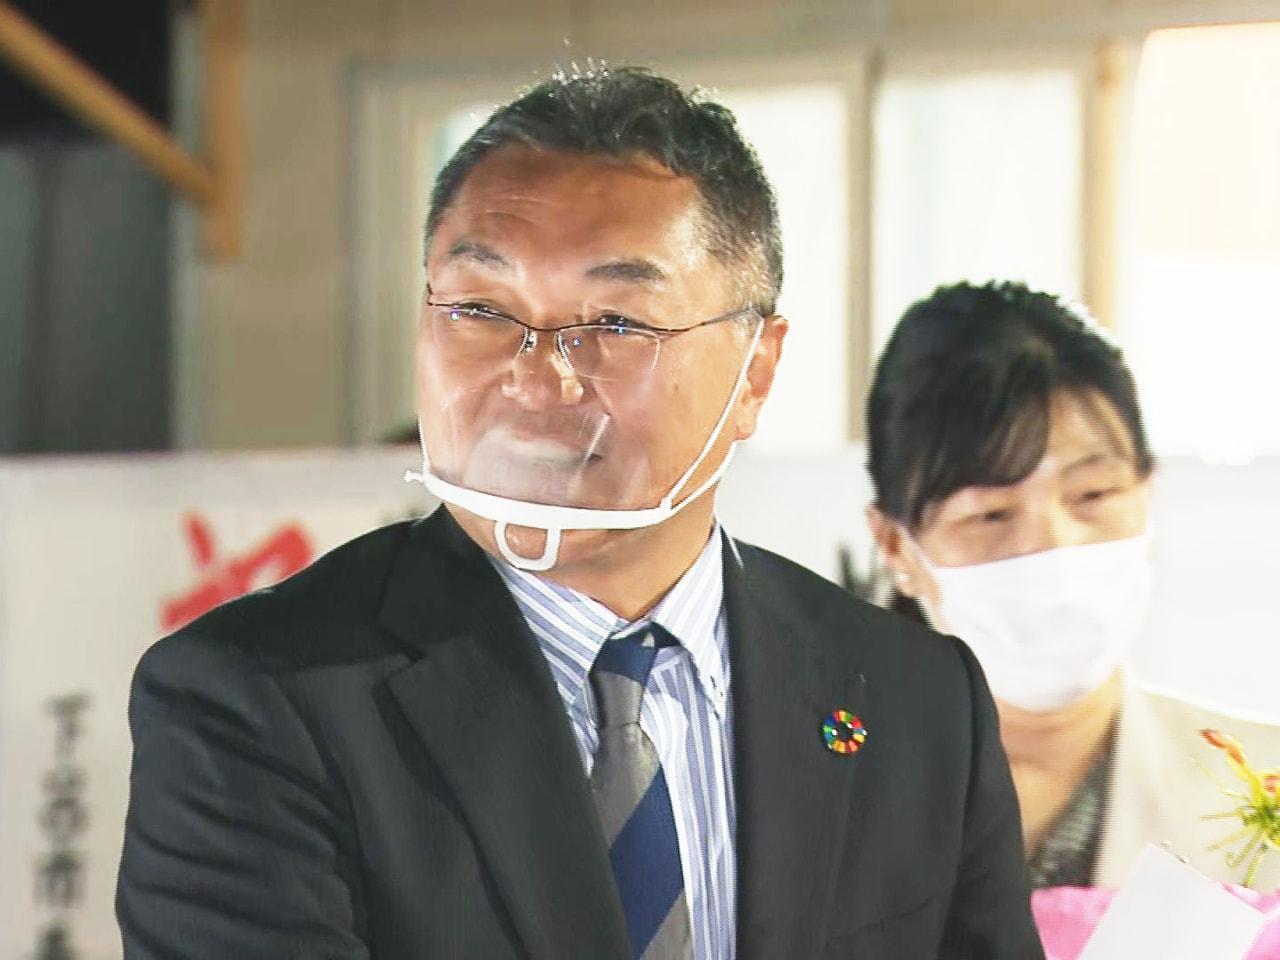 任期満了に伴う岐阜県海津市の市長選挙は18日投開票され、元県職員で無所属の横川真...